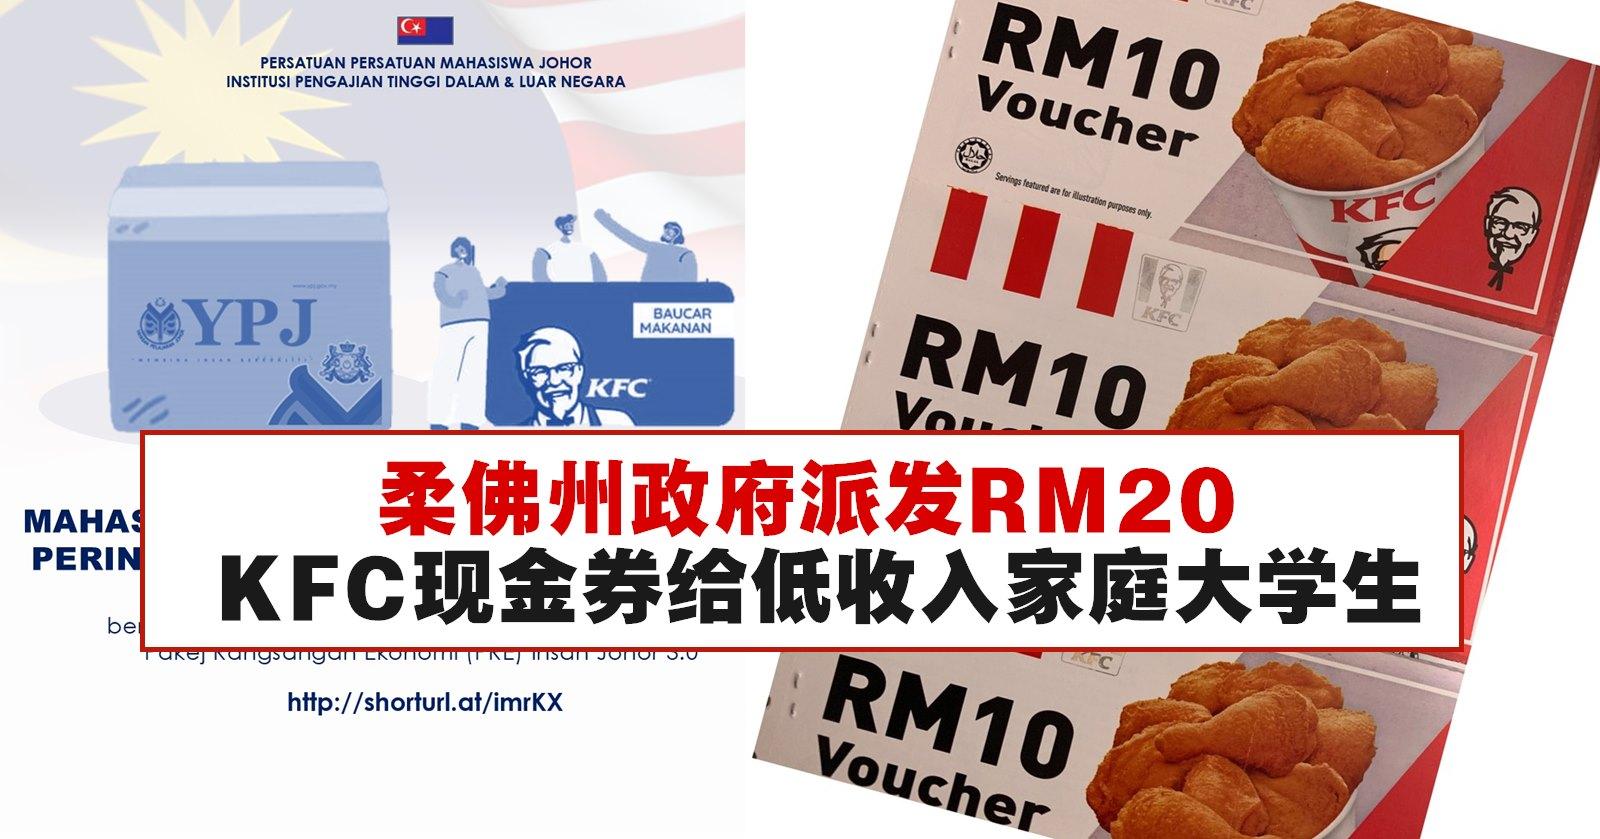 柔佛州政府派发RM20 KFC现金券给低收入家庭大学生